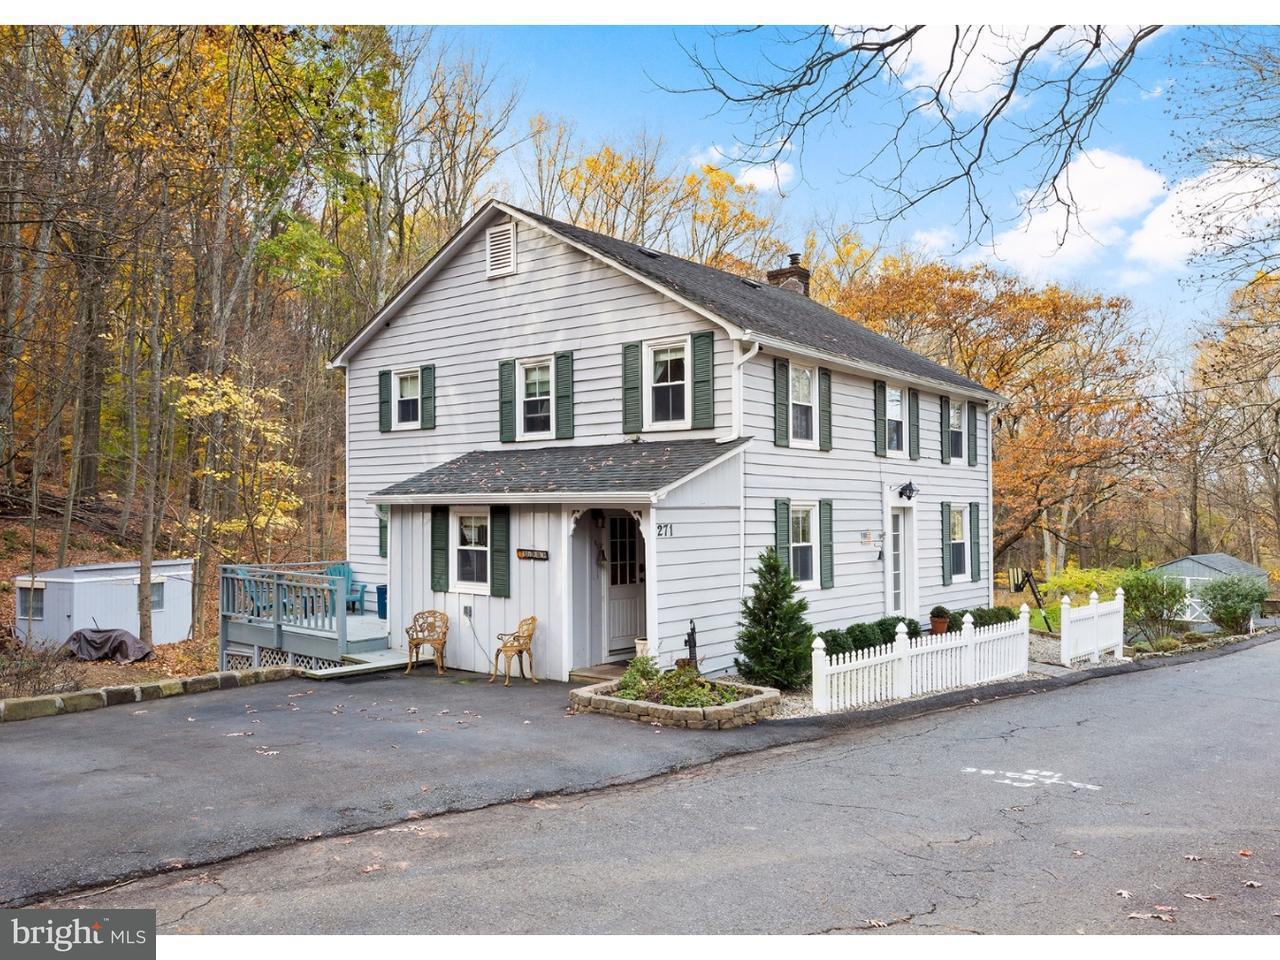 Maison unifamiliale pour l Vente à 271 STANTON MOUNTAIN Road Clinton Township, New Jersey 08833 États-Unis